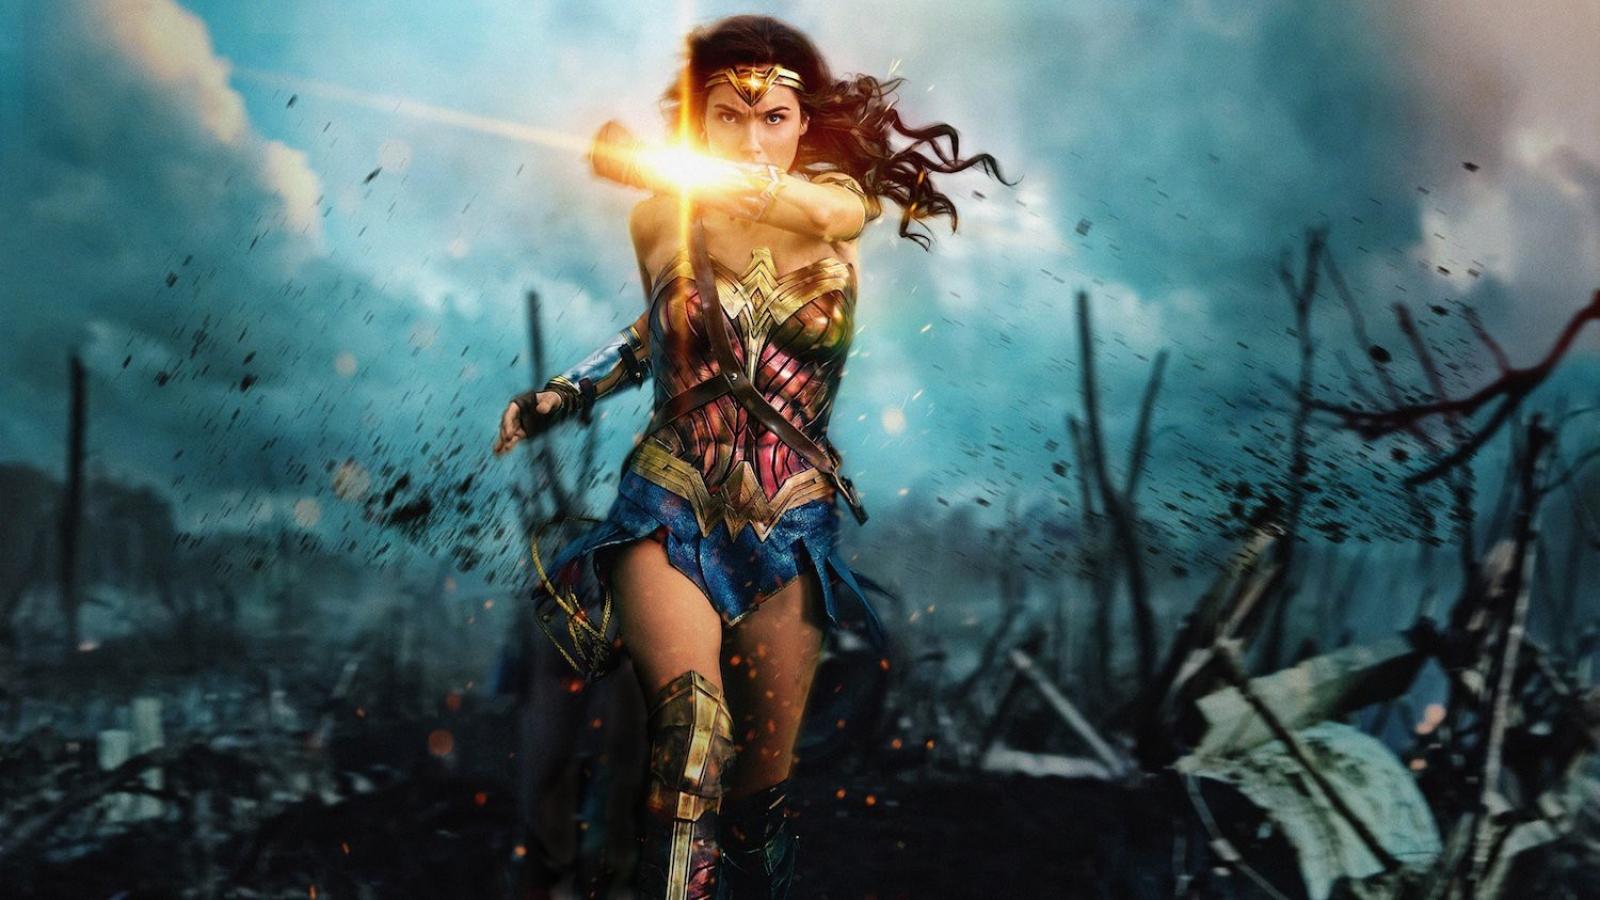 """Hé lộ siêu năng lực và loạt vũ khí """"chị đại"""" Wonder Woman sở hữu trong bom tấn mới"""